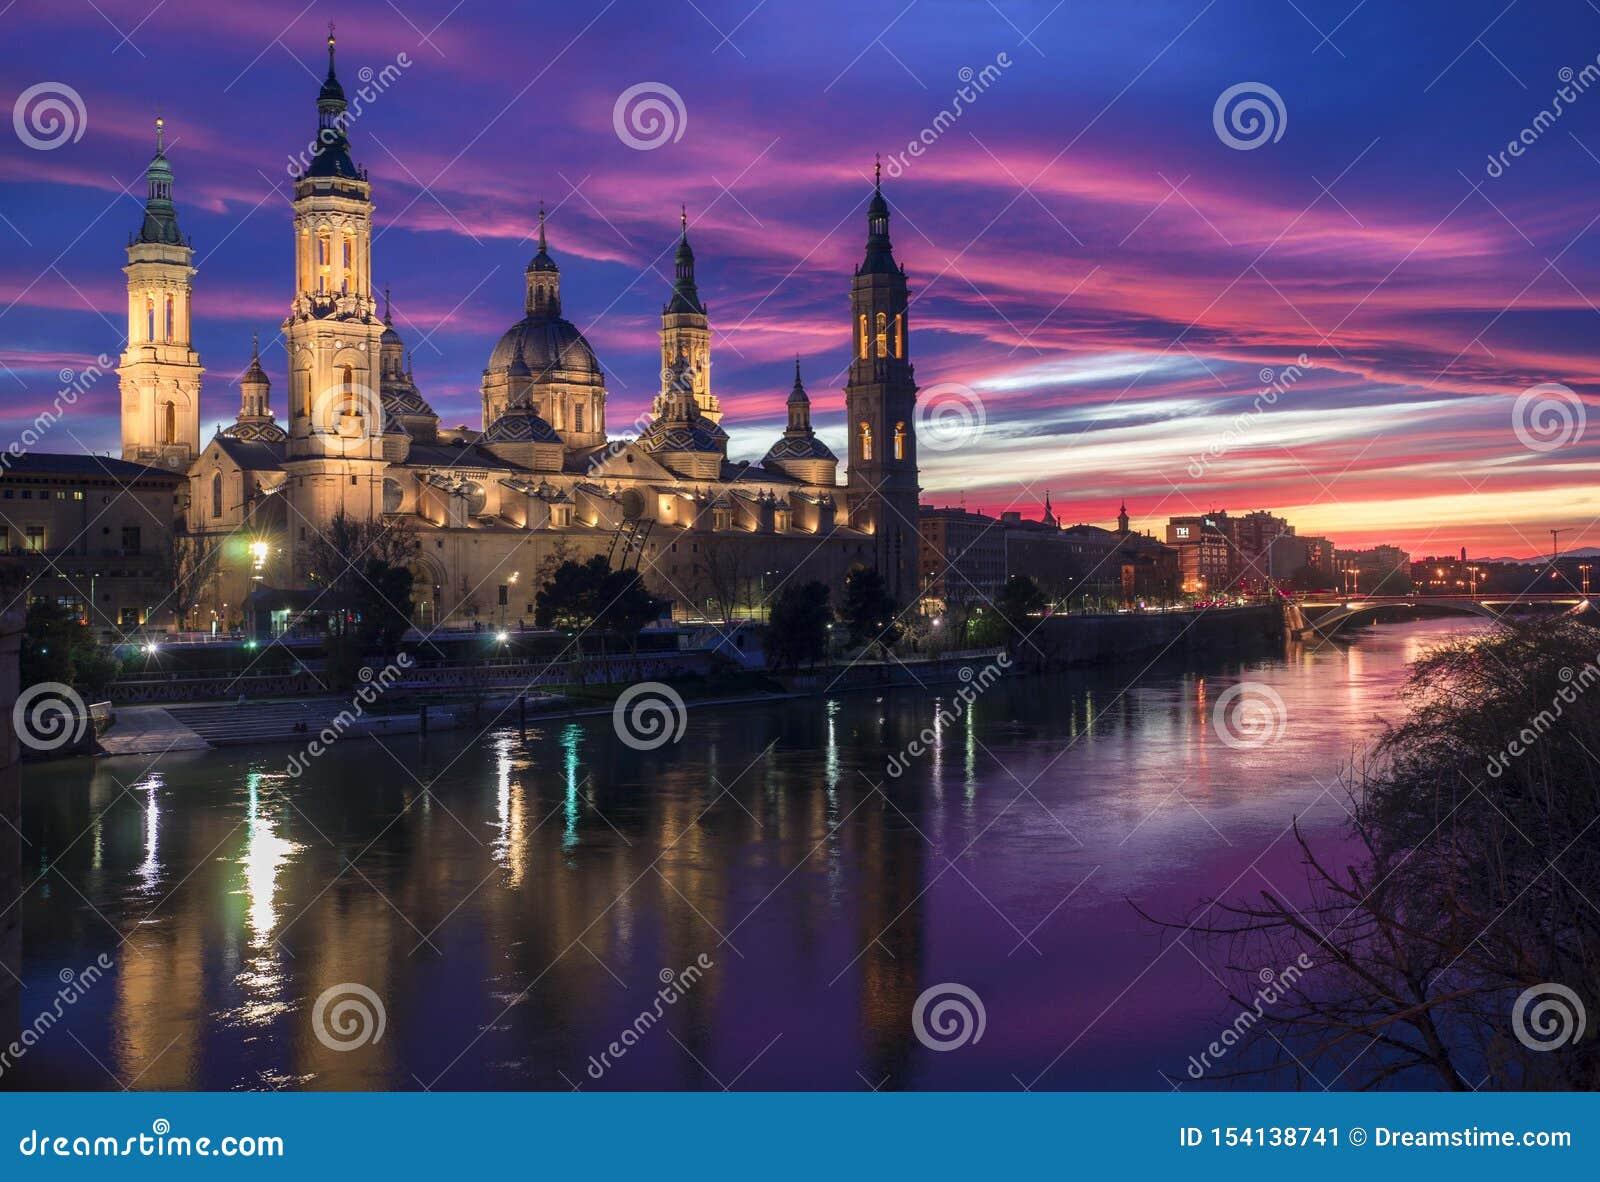 Solnedgång Zaragoza - Atardecer Zaragoza